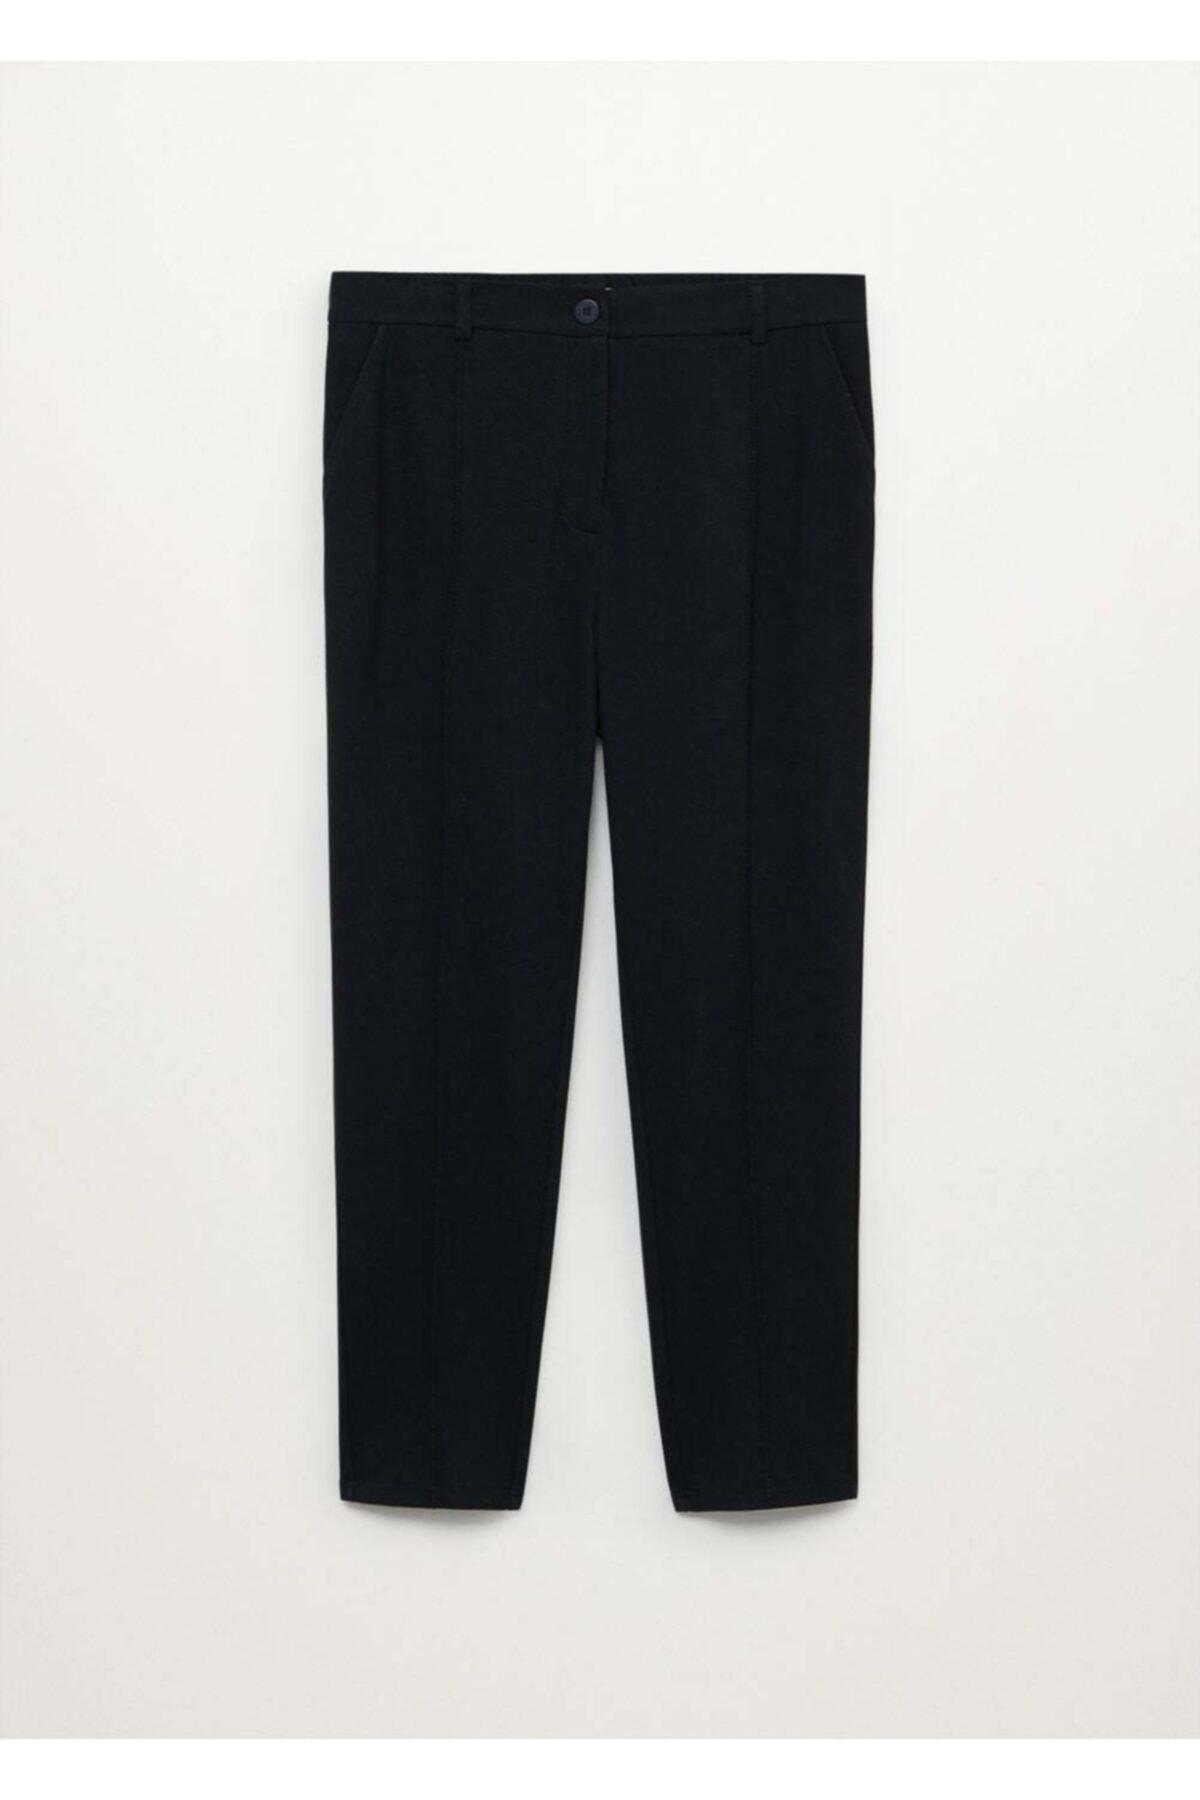 Violeta by MANGO Kadın Siyah Dar Kesimli Takım Pantolon 1